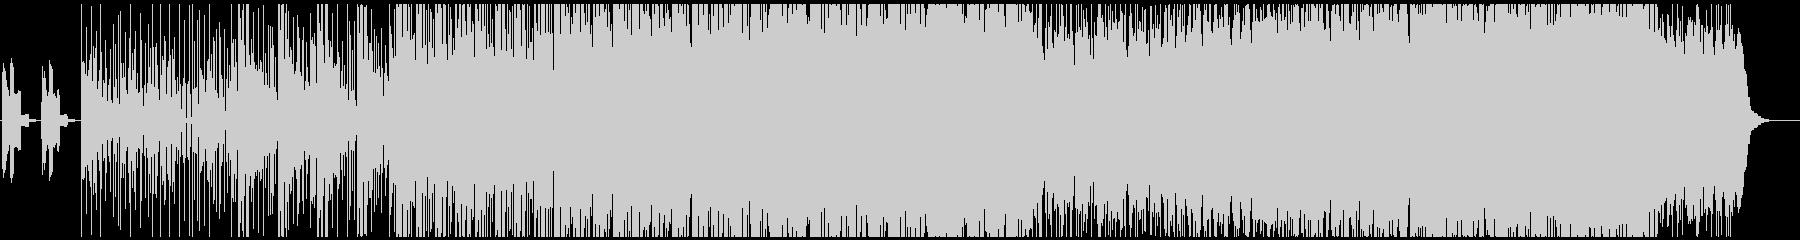 映像制作 ダウンヒル スポーツ 山 急斜の未再生の波形